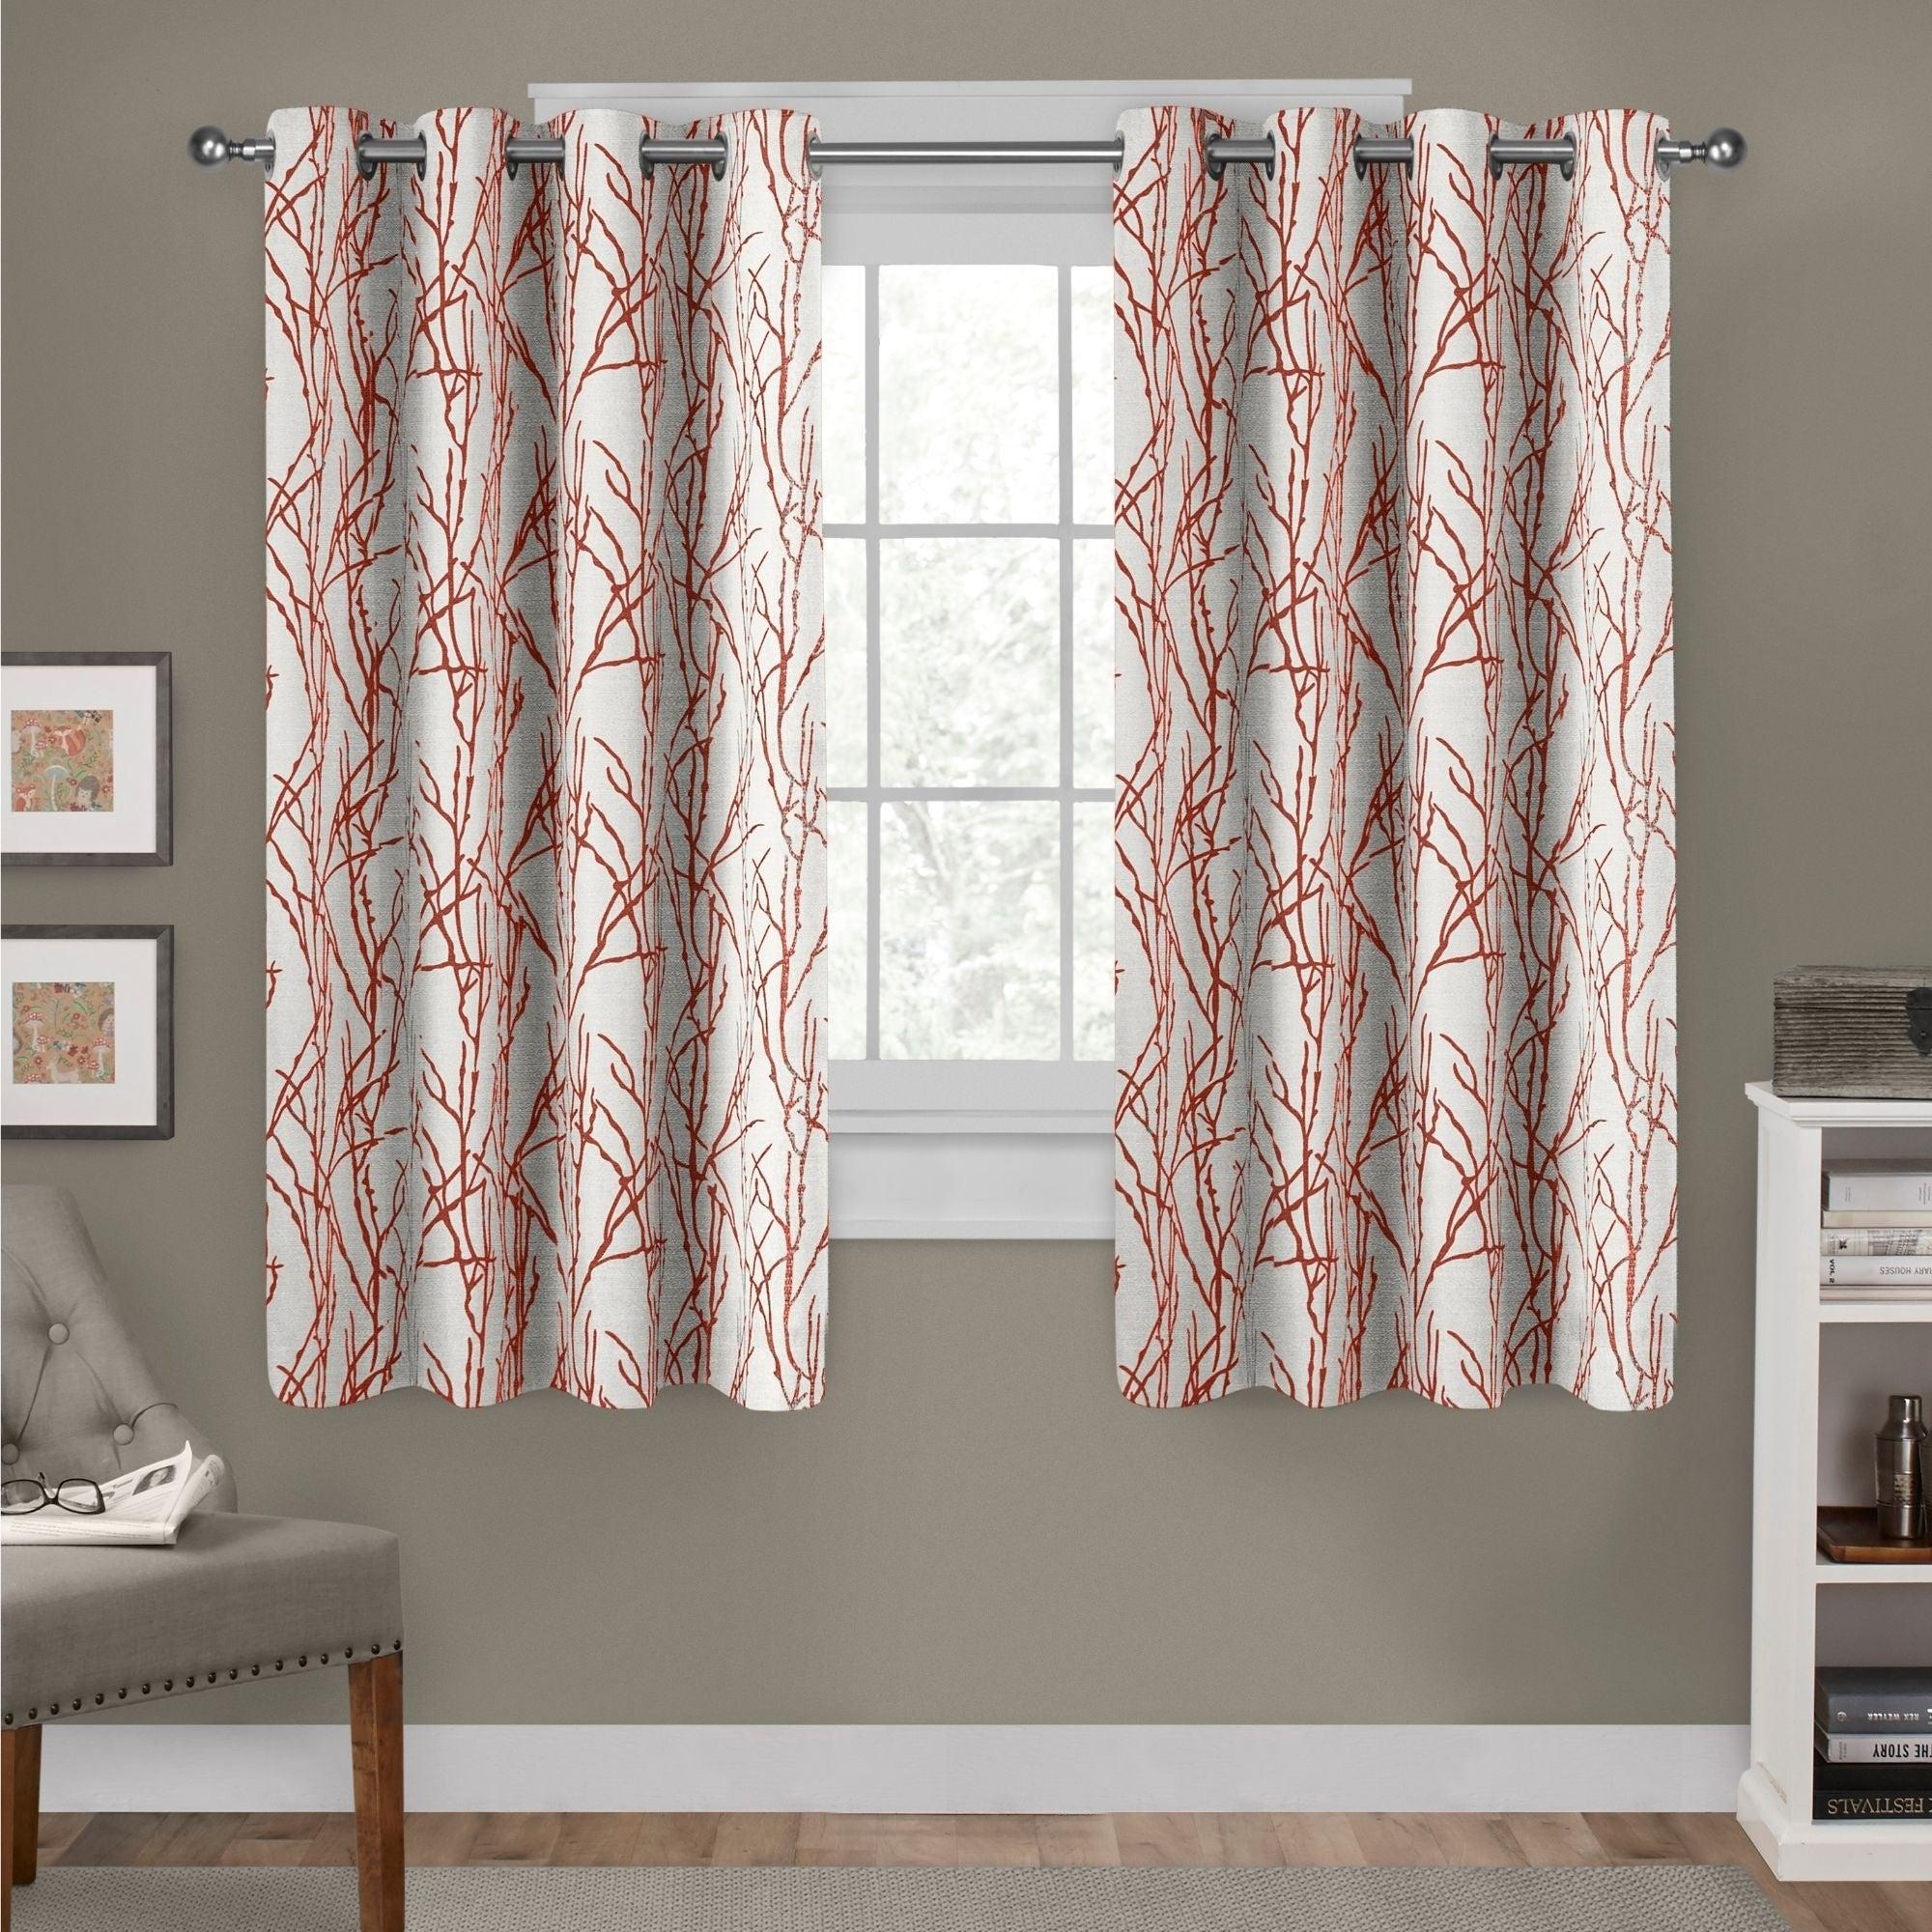 Ati Home Branches Linen Blend Grommet Top Curtain Panel Pair inside Kochi Linen Blend Window Grommet Top Curtain Panel Pairs (Image 1 of 20)